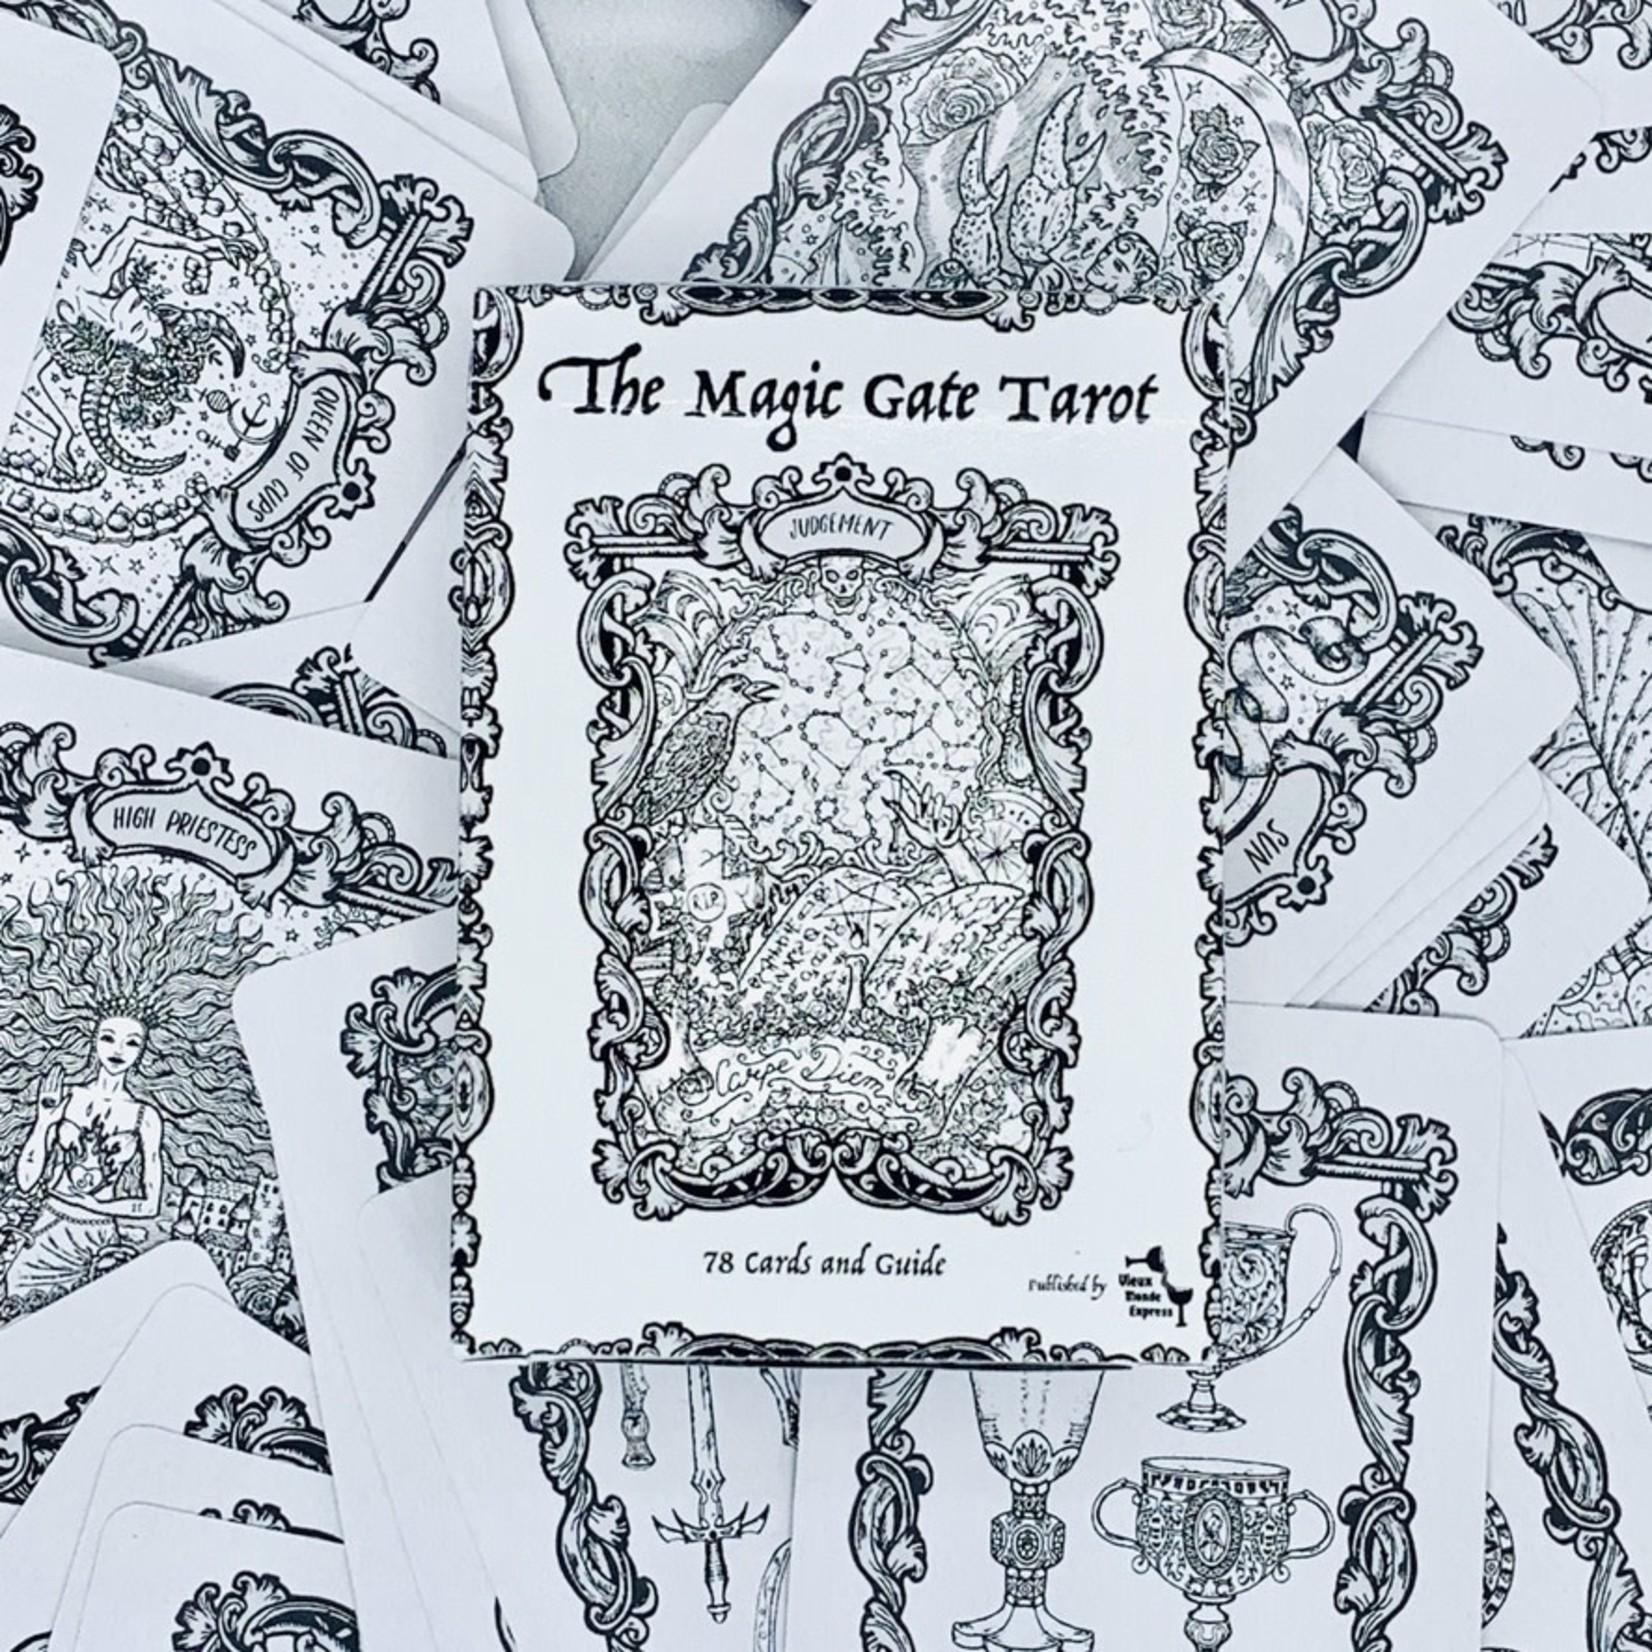 Vieux Monde Express: The Magic Gate Tarot